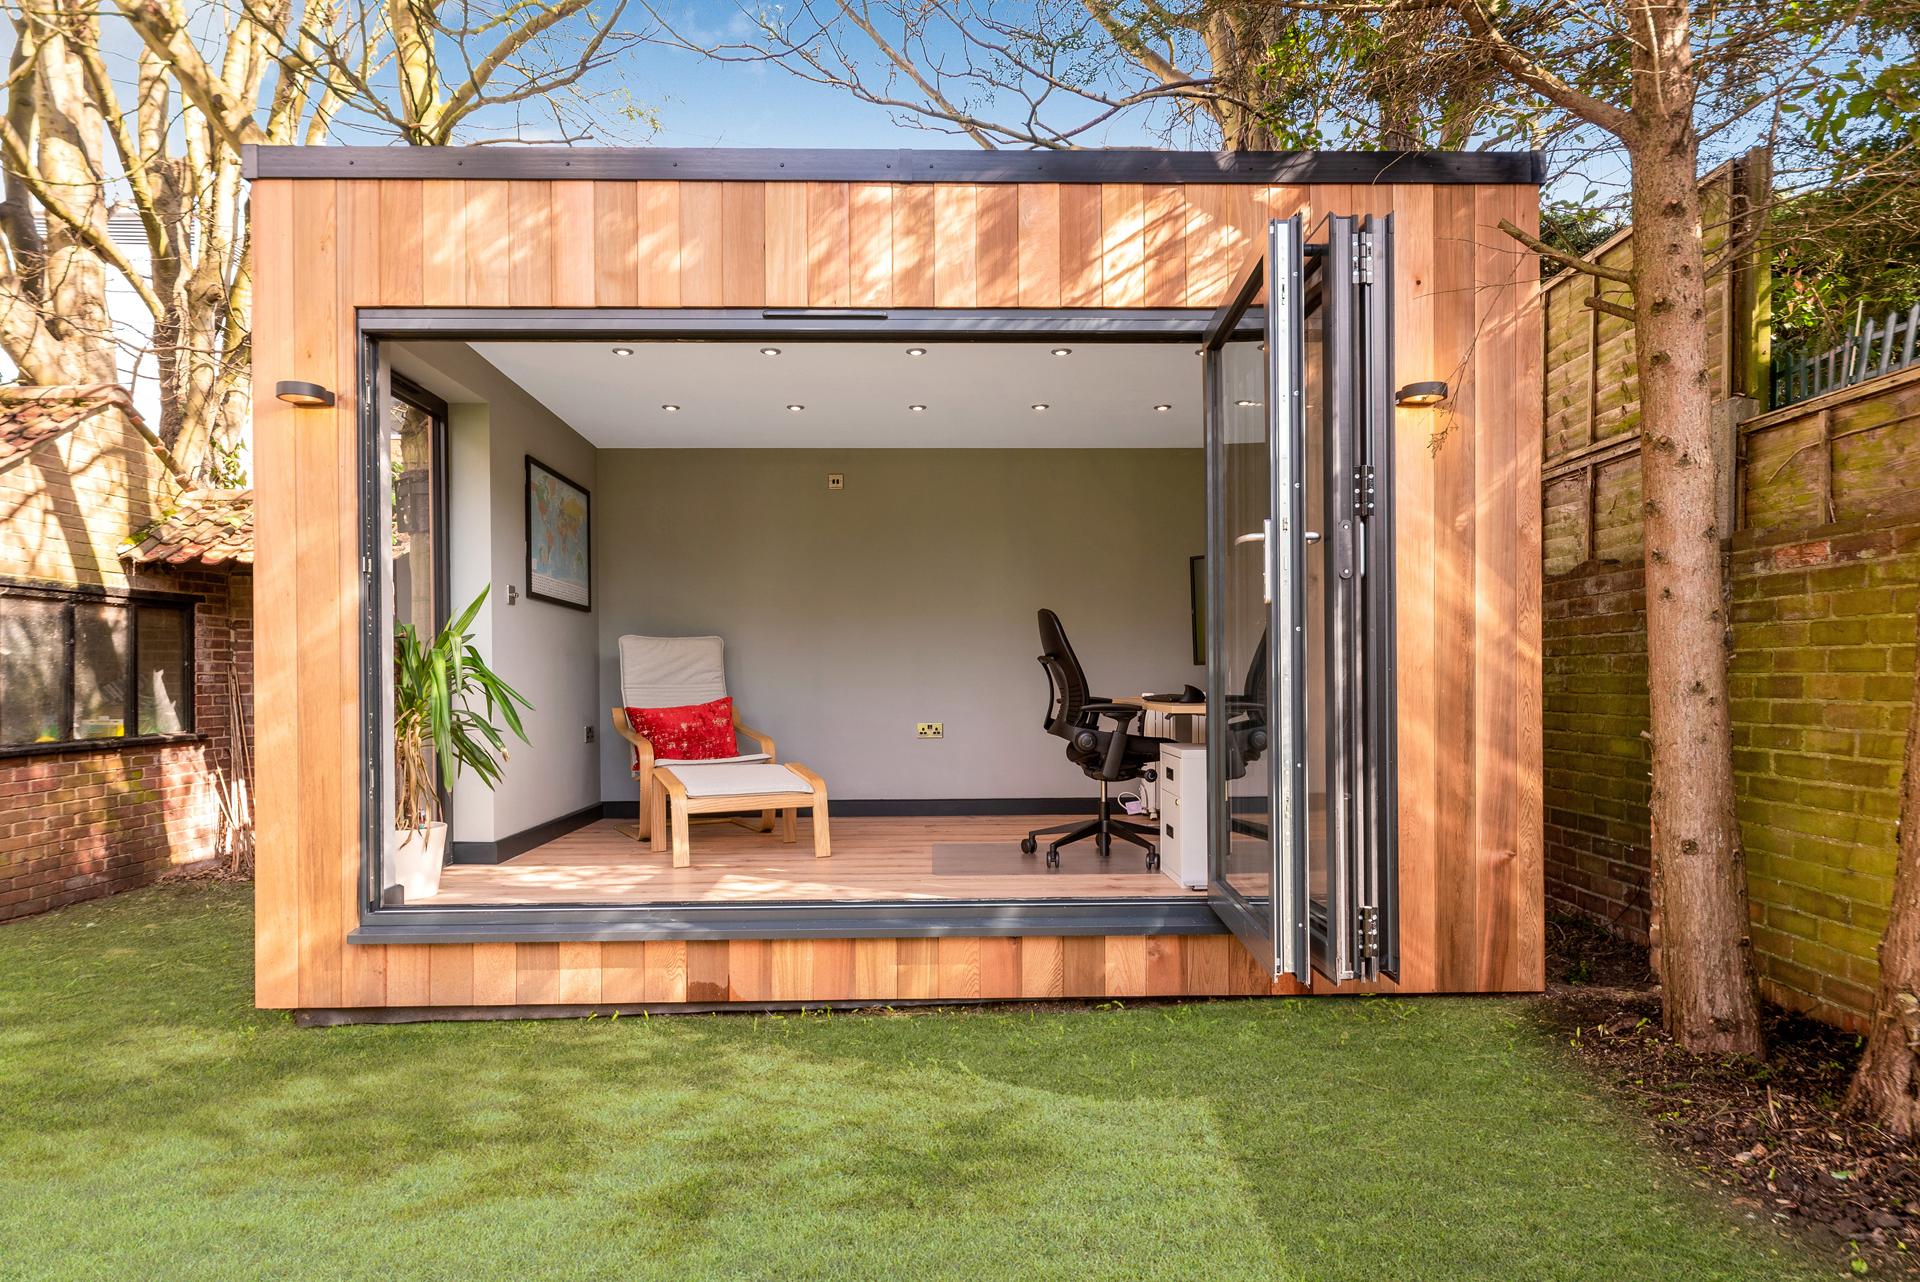 Bespoke garden room in London